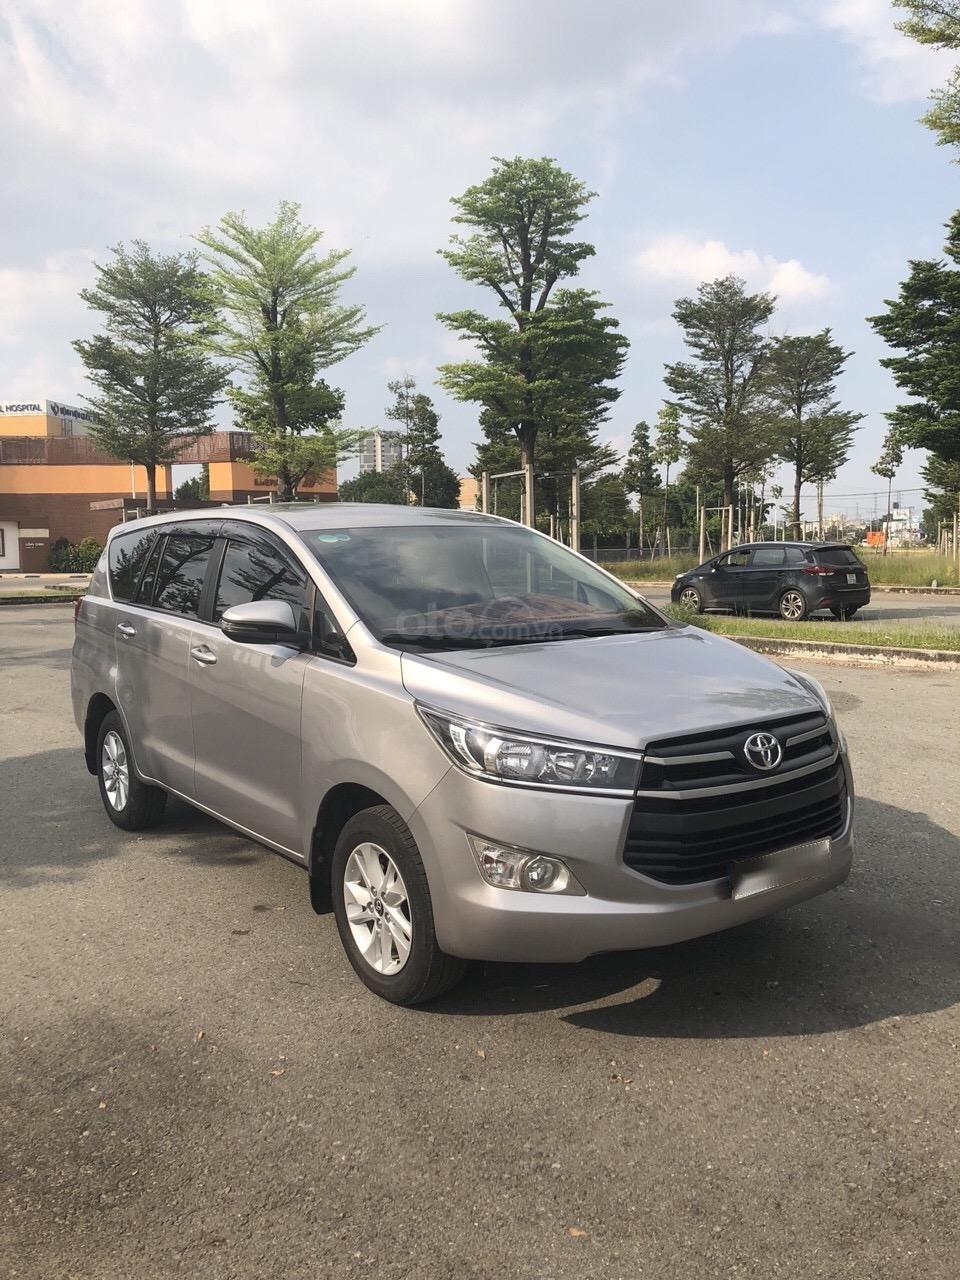 Bán Toyota Innova 2.0E năm 2017, xe trang bị đầy đủ bán lại giá 660 triệu (2)